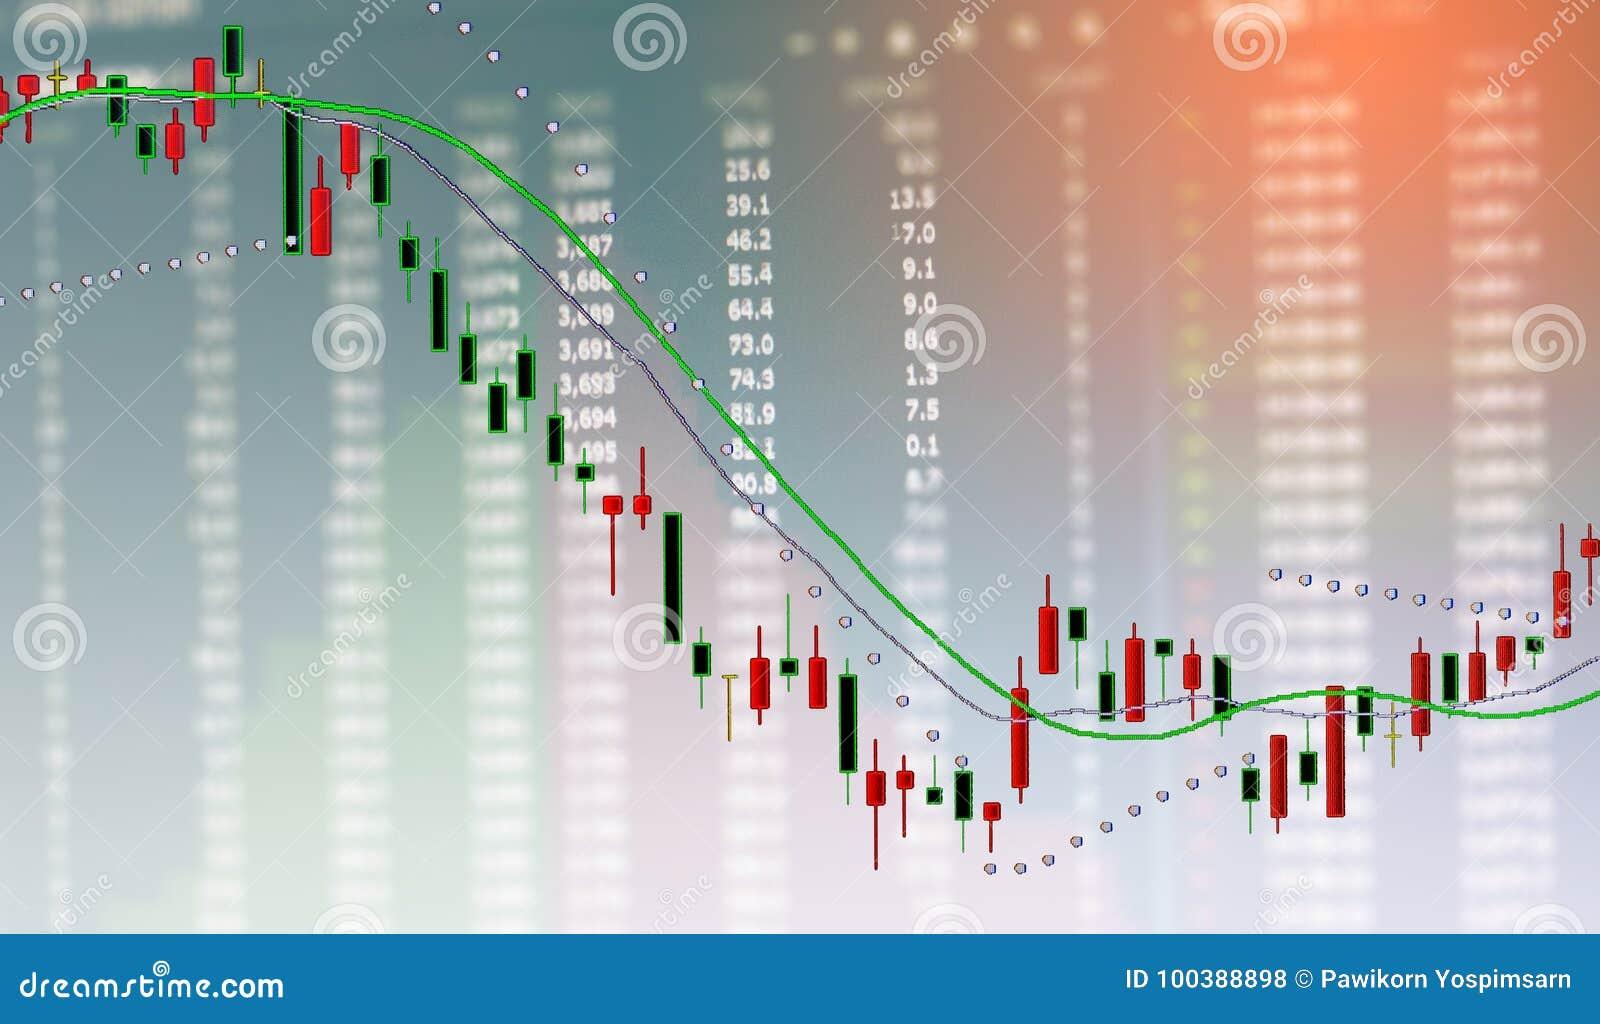 coin trade monitor